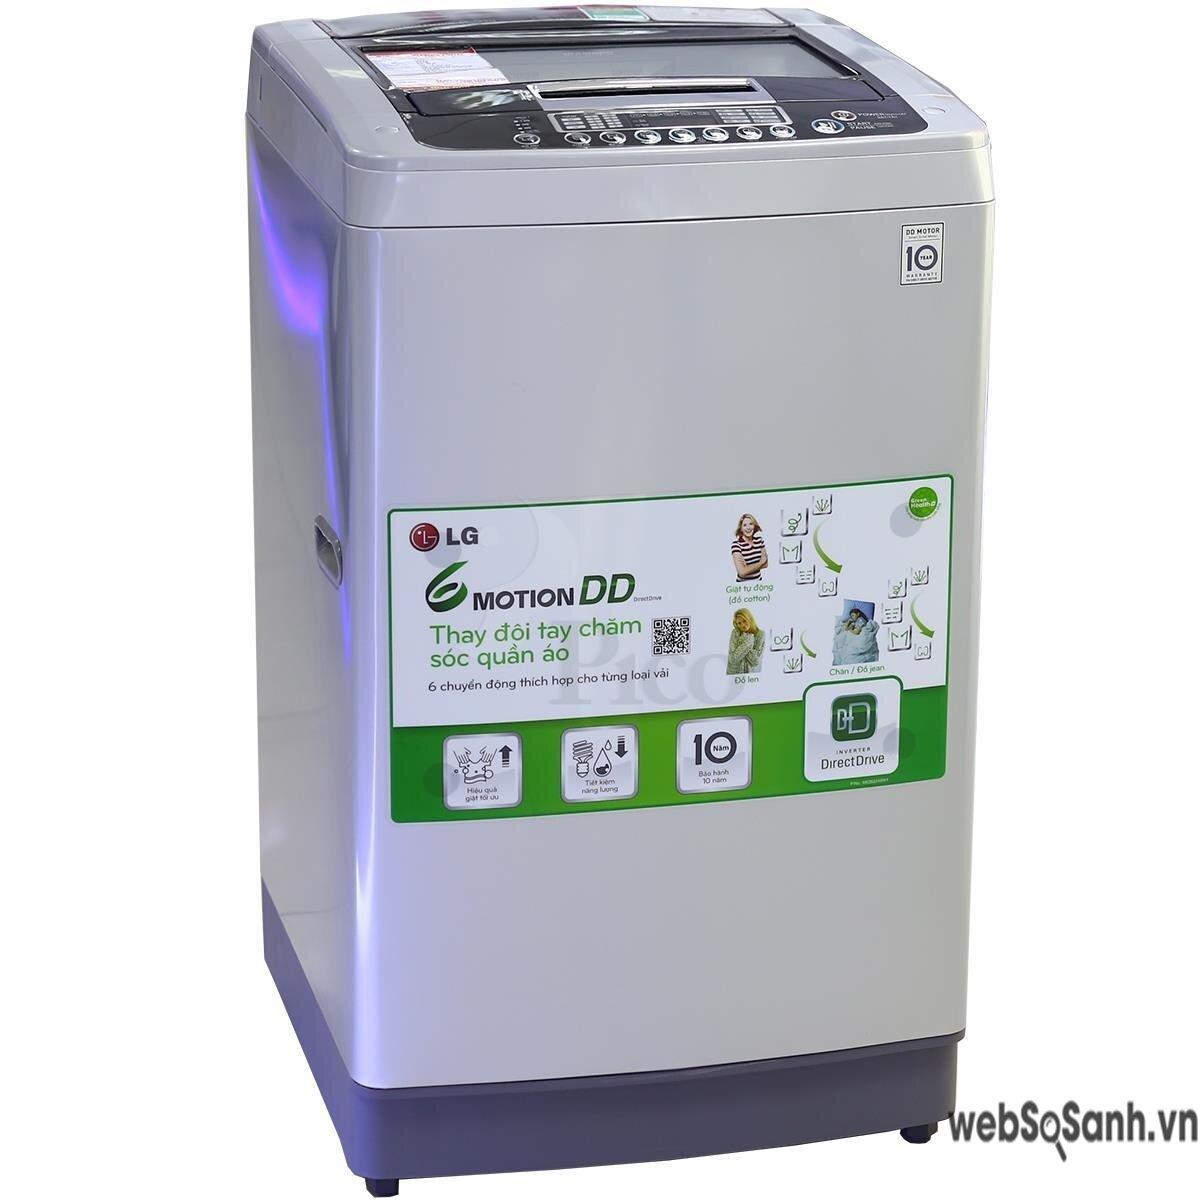 LG WFD8525DD (nguồn: internet)